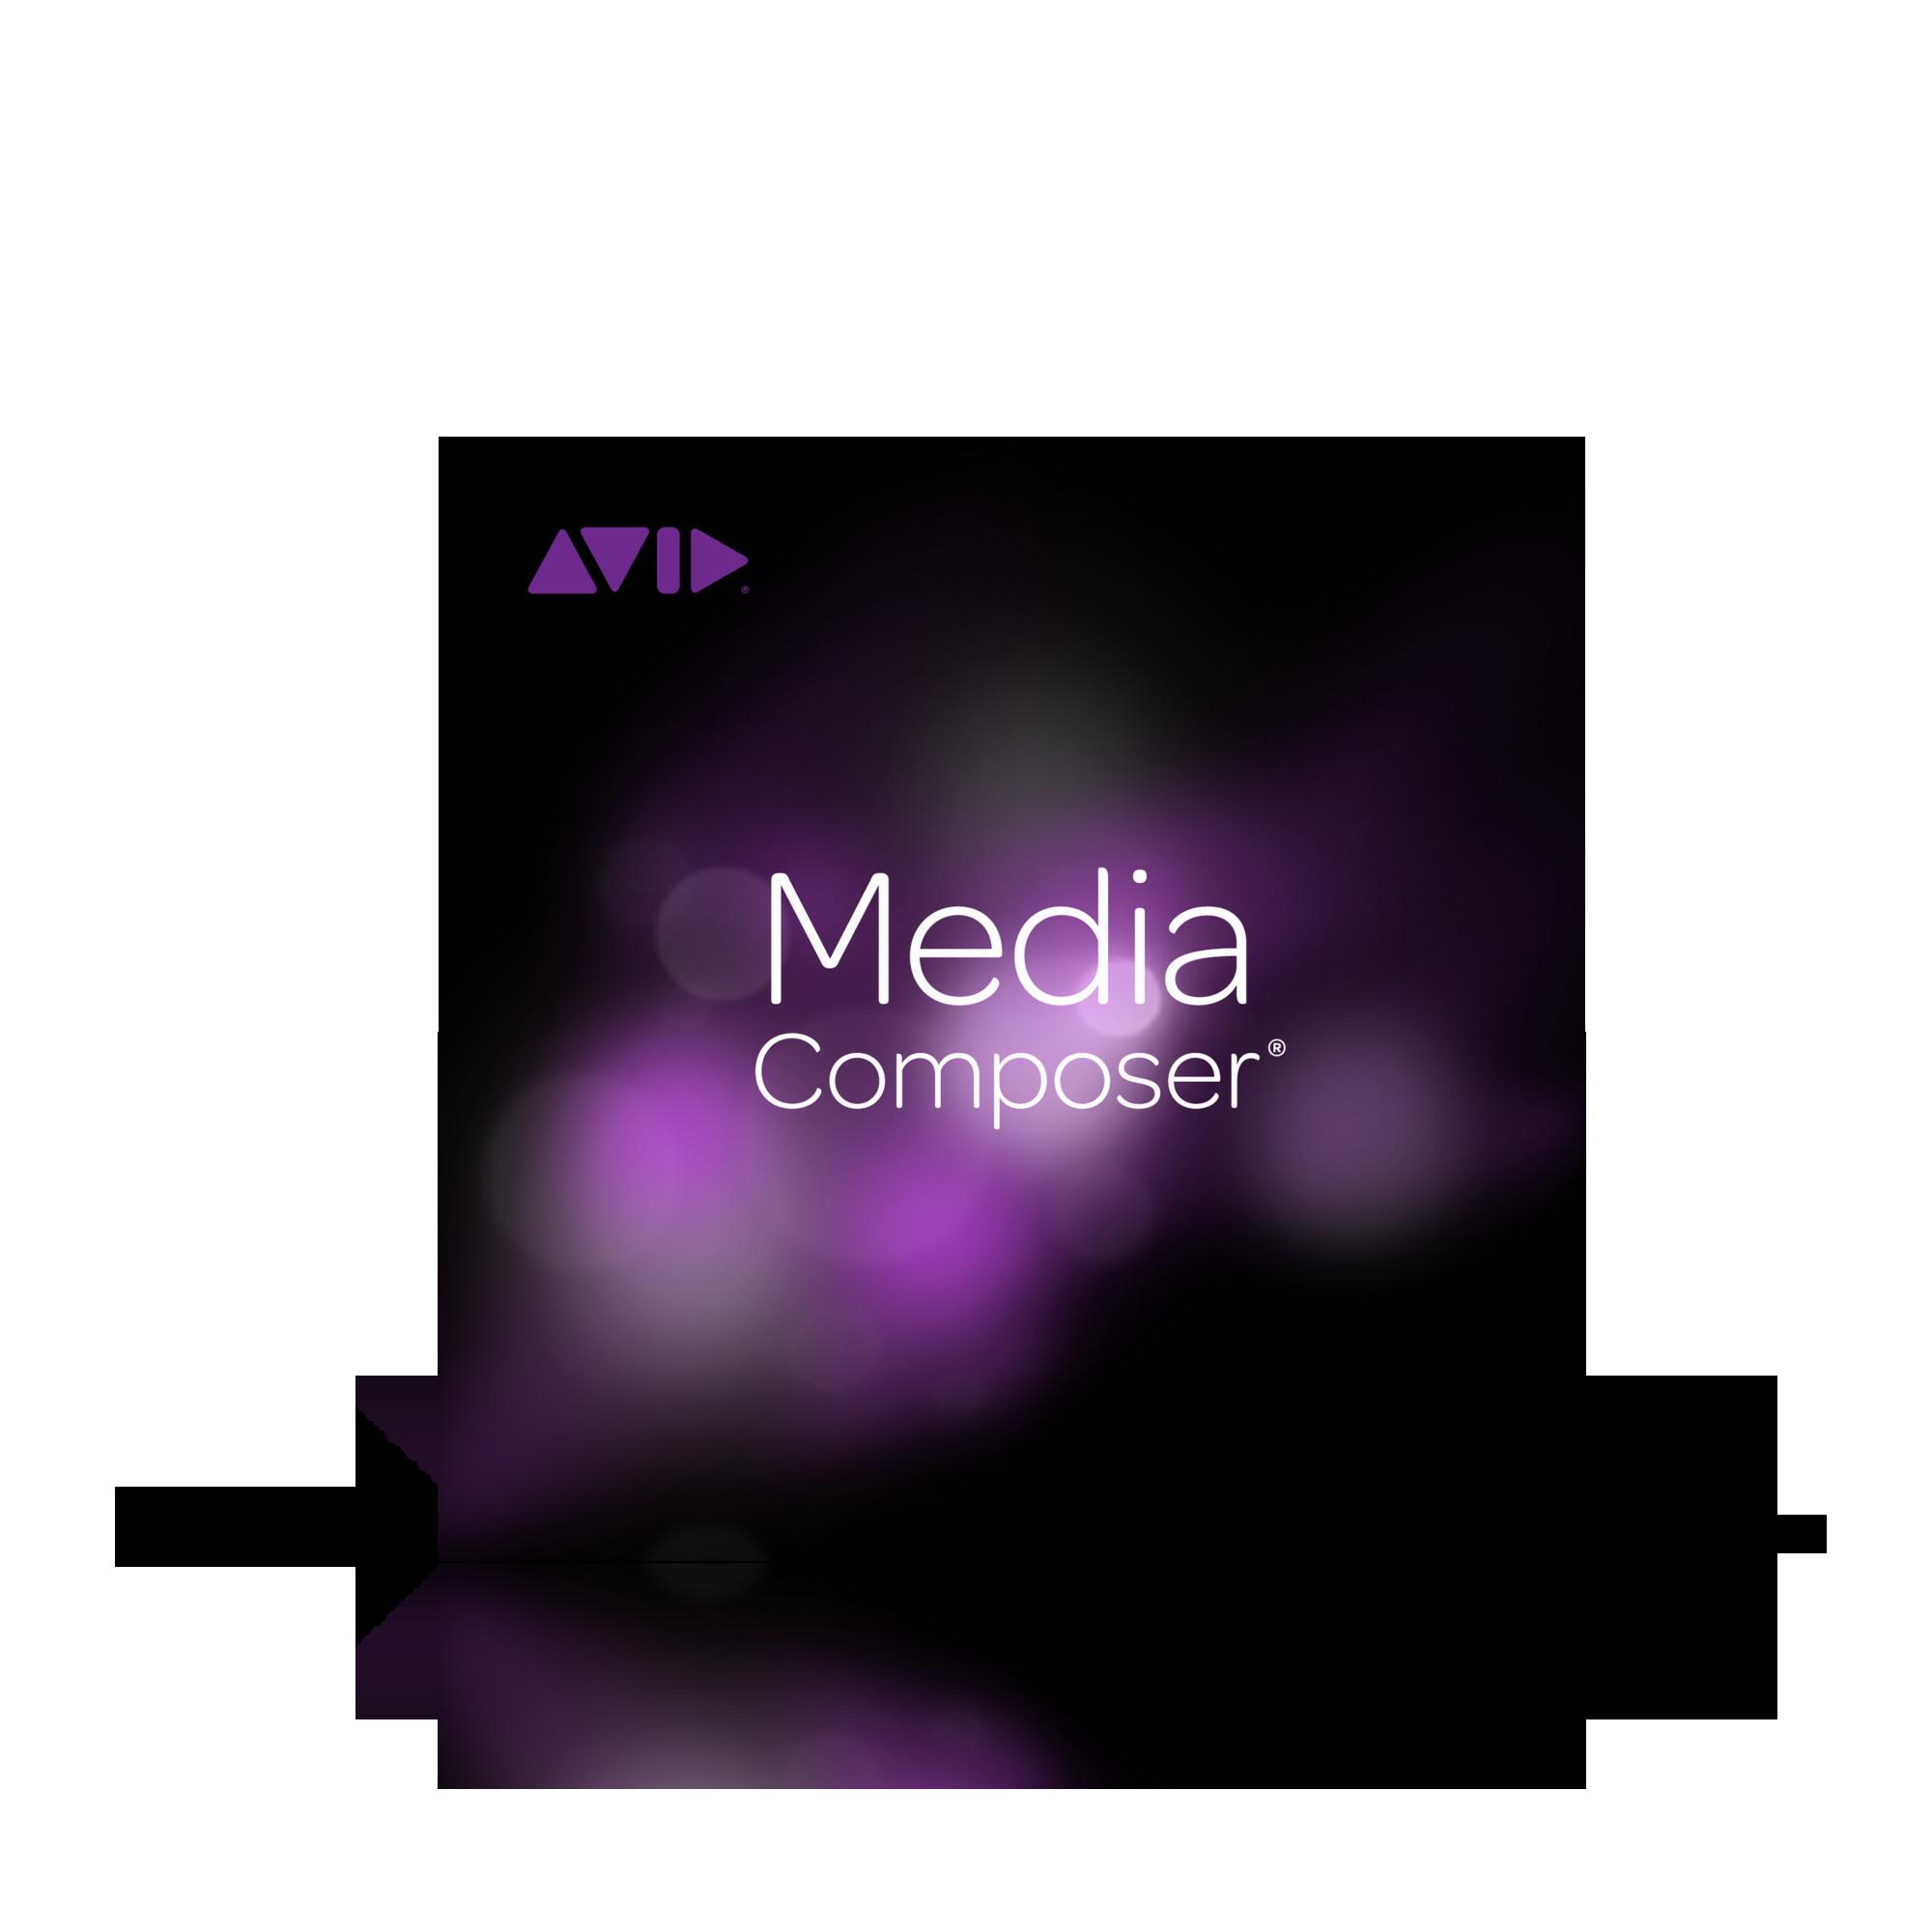 Avid Media Composer 8.0.